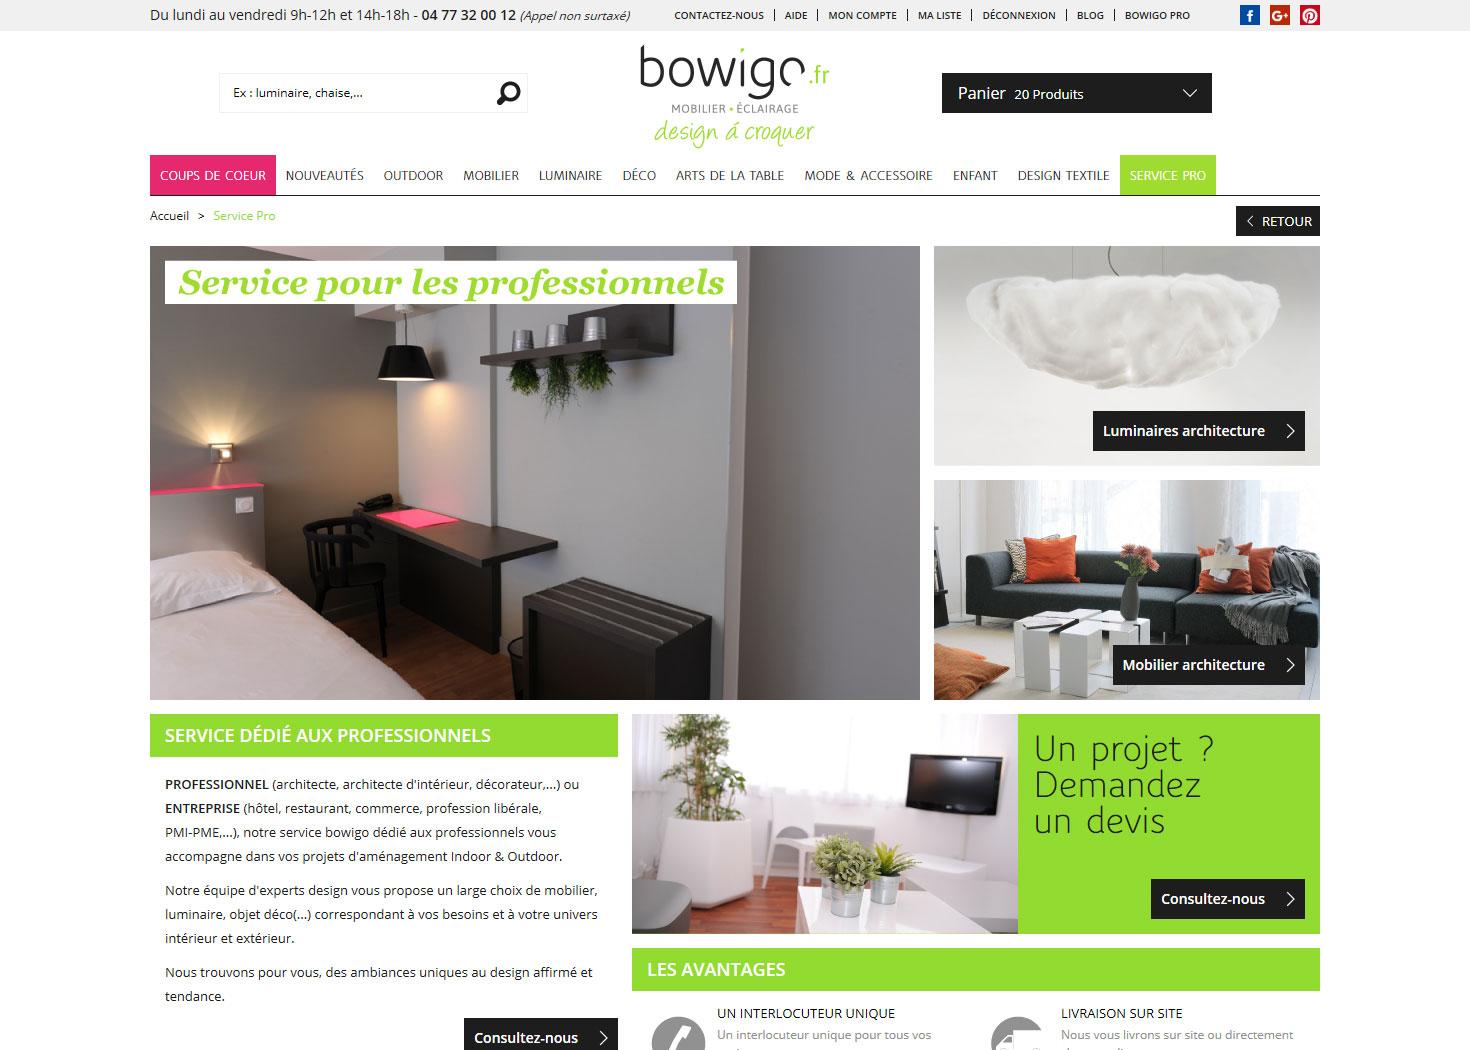 bowigo-page3